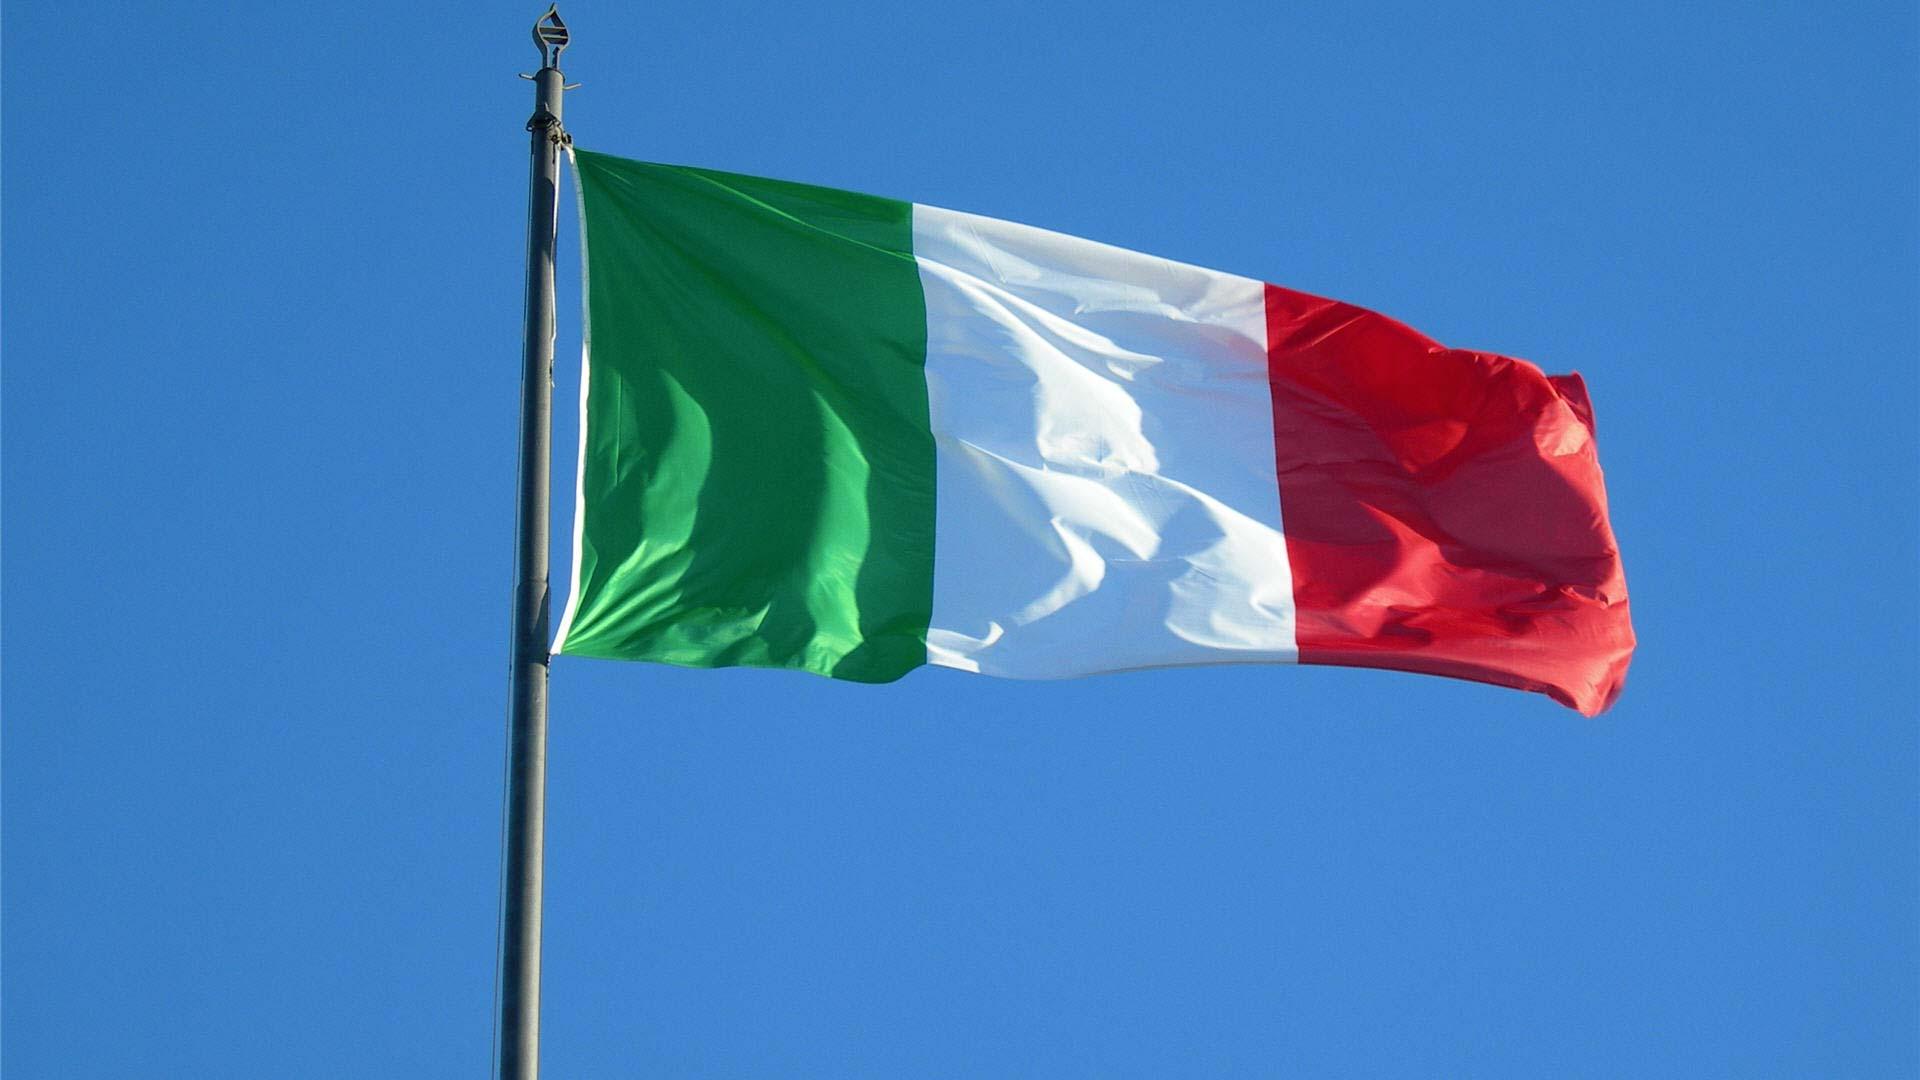 Itallian flag Italy